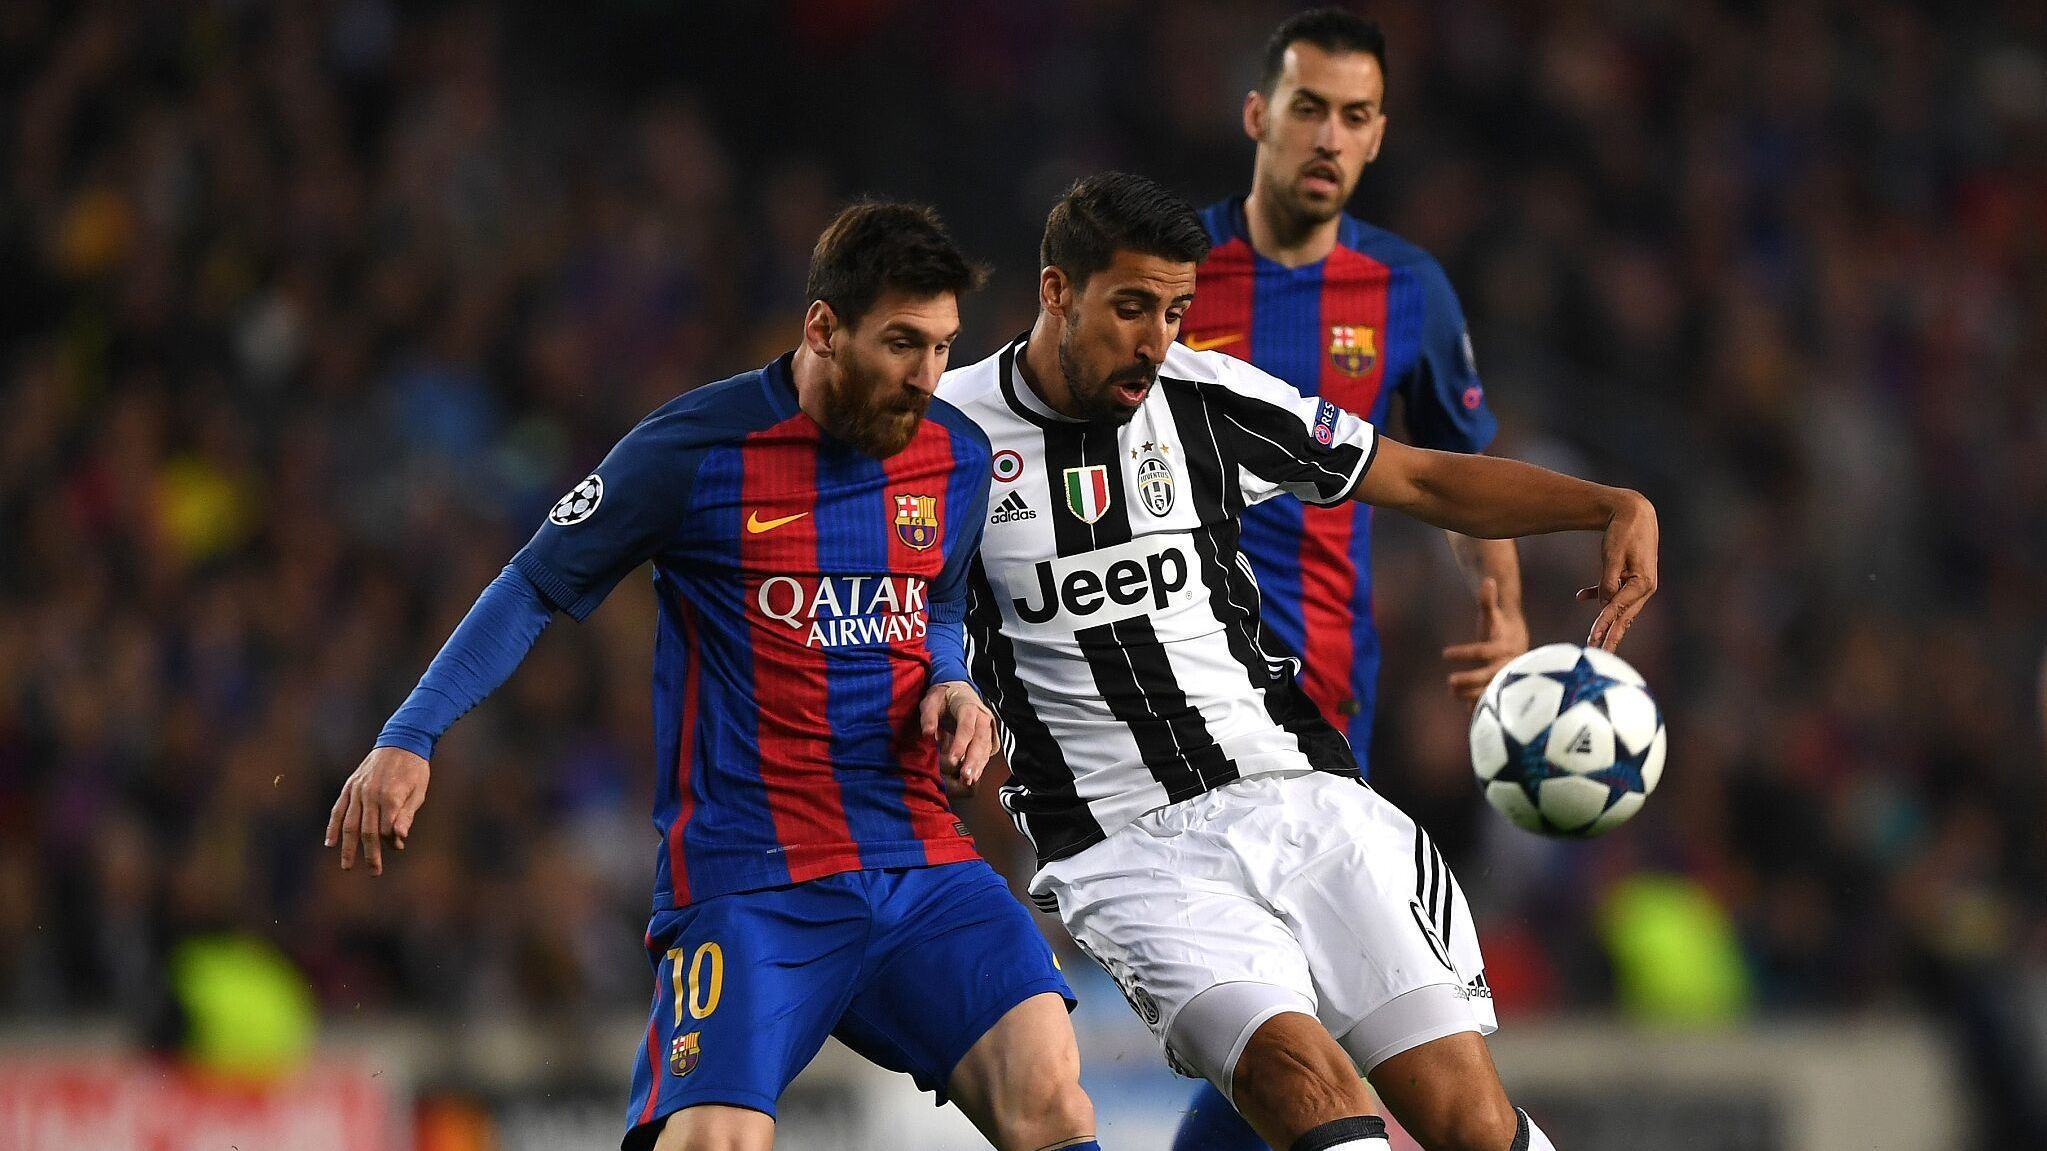 原声回放:欧冠1/4决赛次回合 巴萨vs尤文 上半场_巴塞罗那